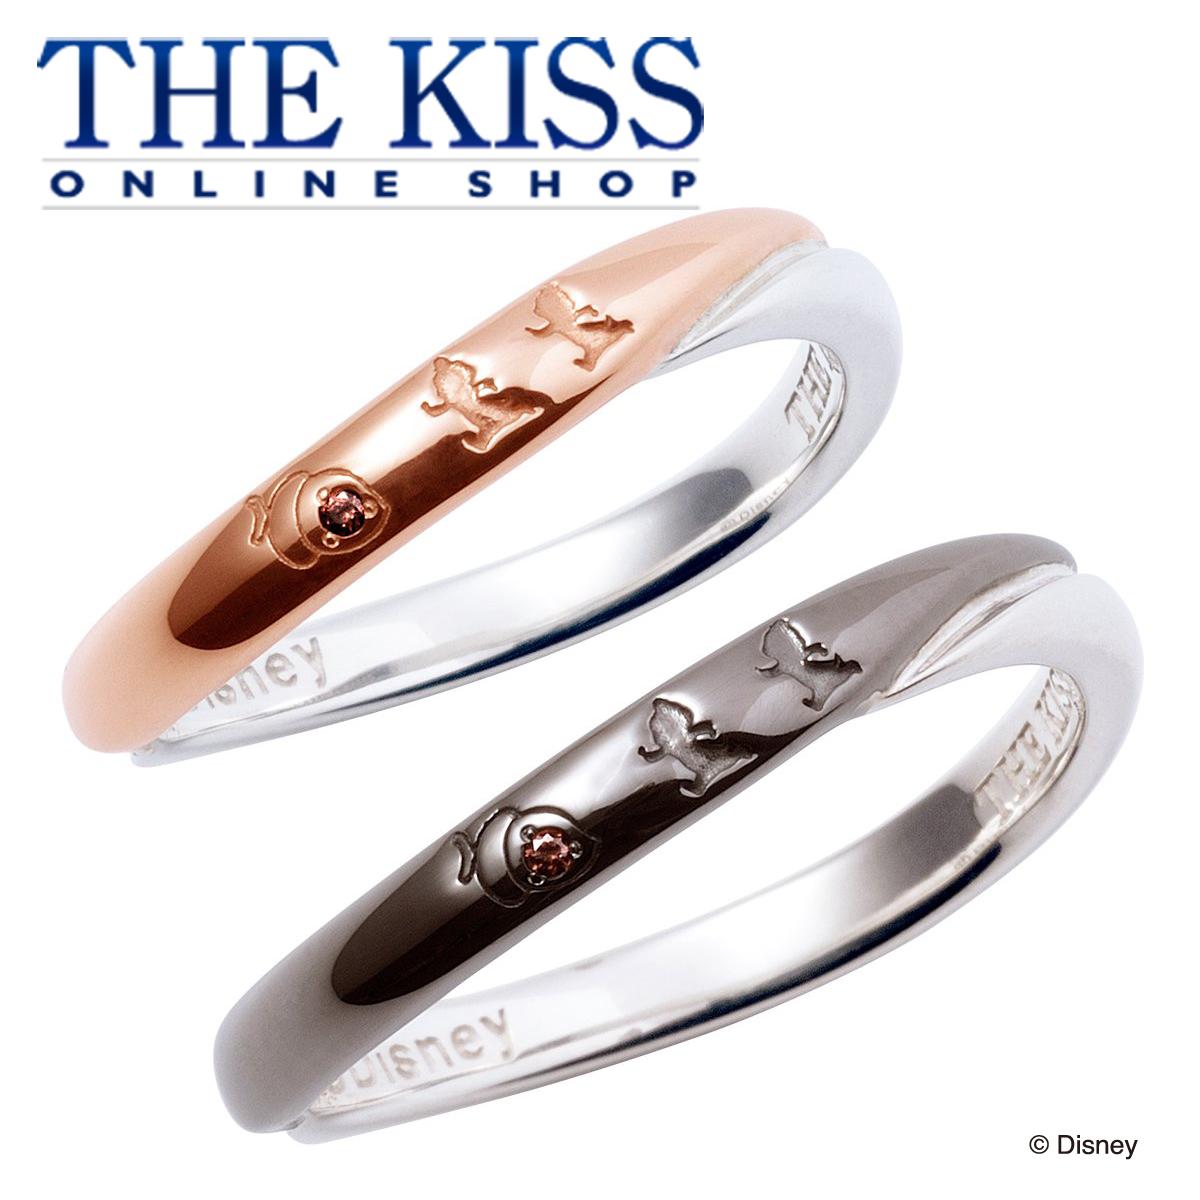 【あす楽対応】【ディズニーコレクション】 ディズニー / ペアリング / チップ&デール / THE KISS リング・指輪 シルバー キュービックジルコニア DI-SR2911CB-2912CBB セット シンプル ザキス 【送料無料】